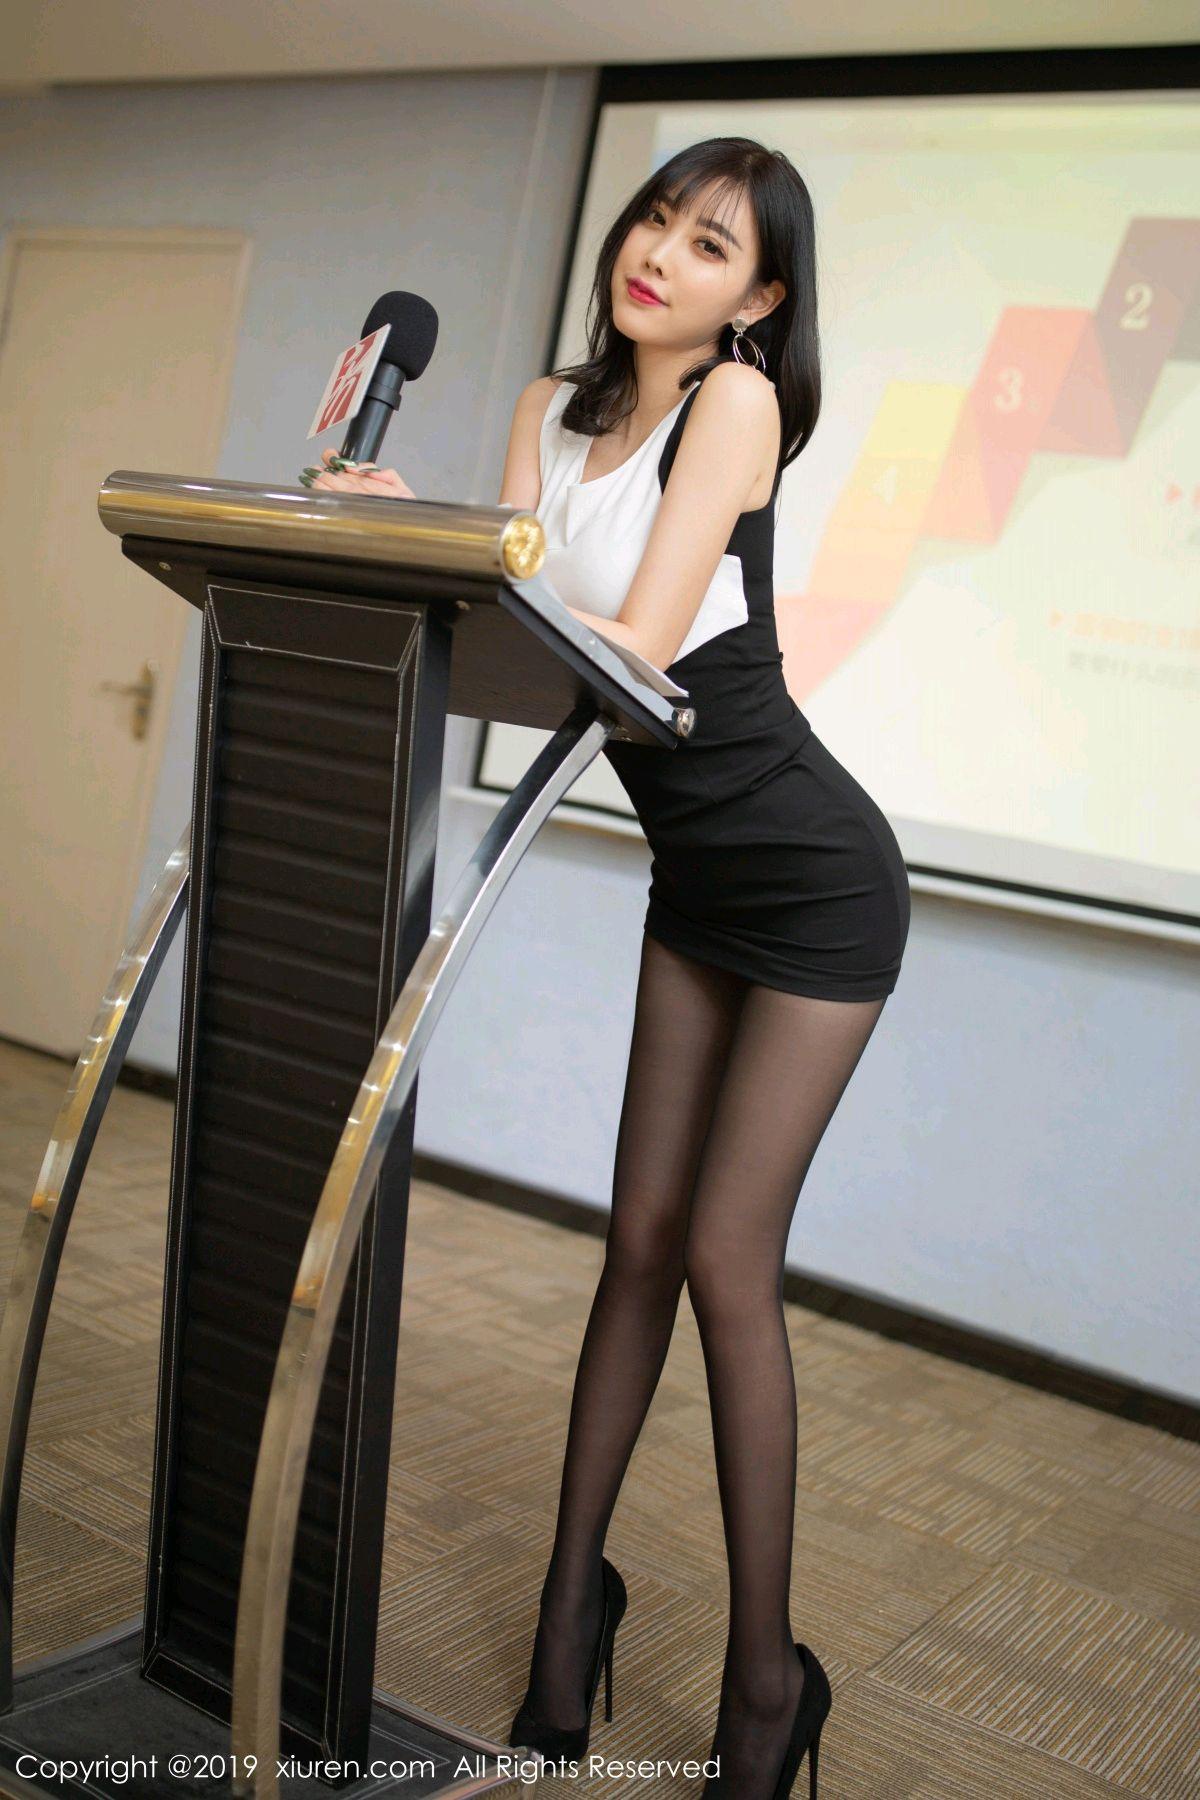 [XiuRen] Vol.1803 Yang Chen Chen 27P, Black Silk, Uniform, Xiuren, Yang Chen Chen